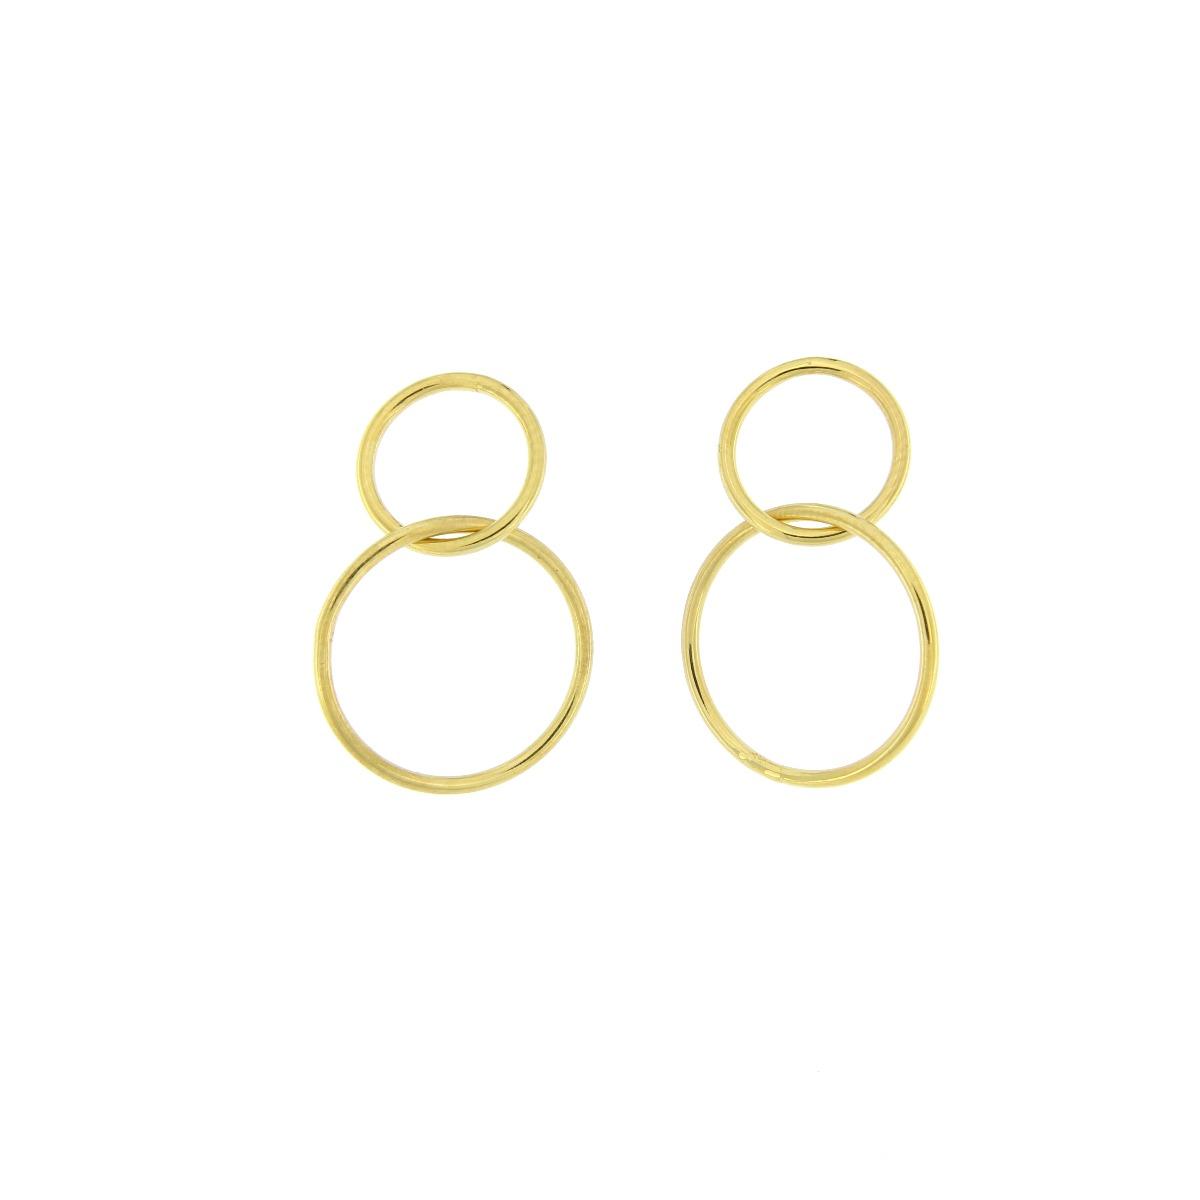 Διπλοί Κρίκοι Κρεμαστοί - Χρυσό